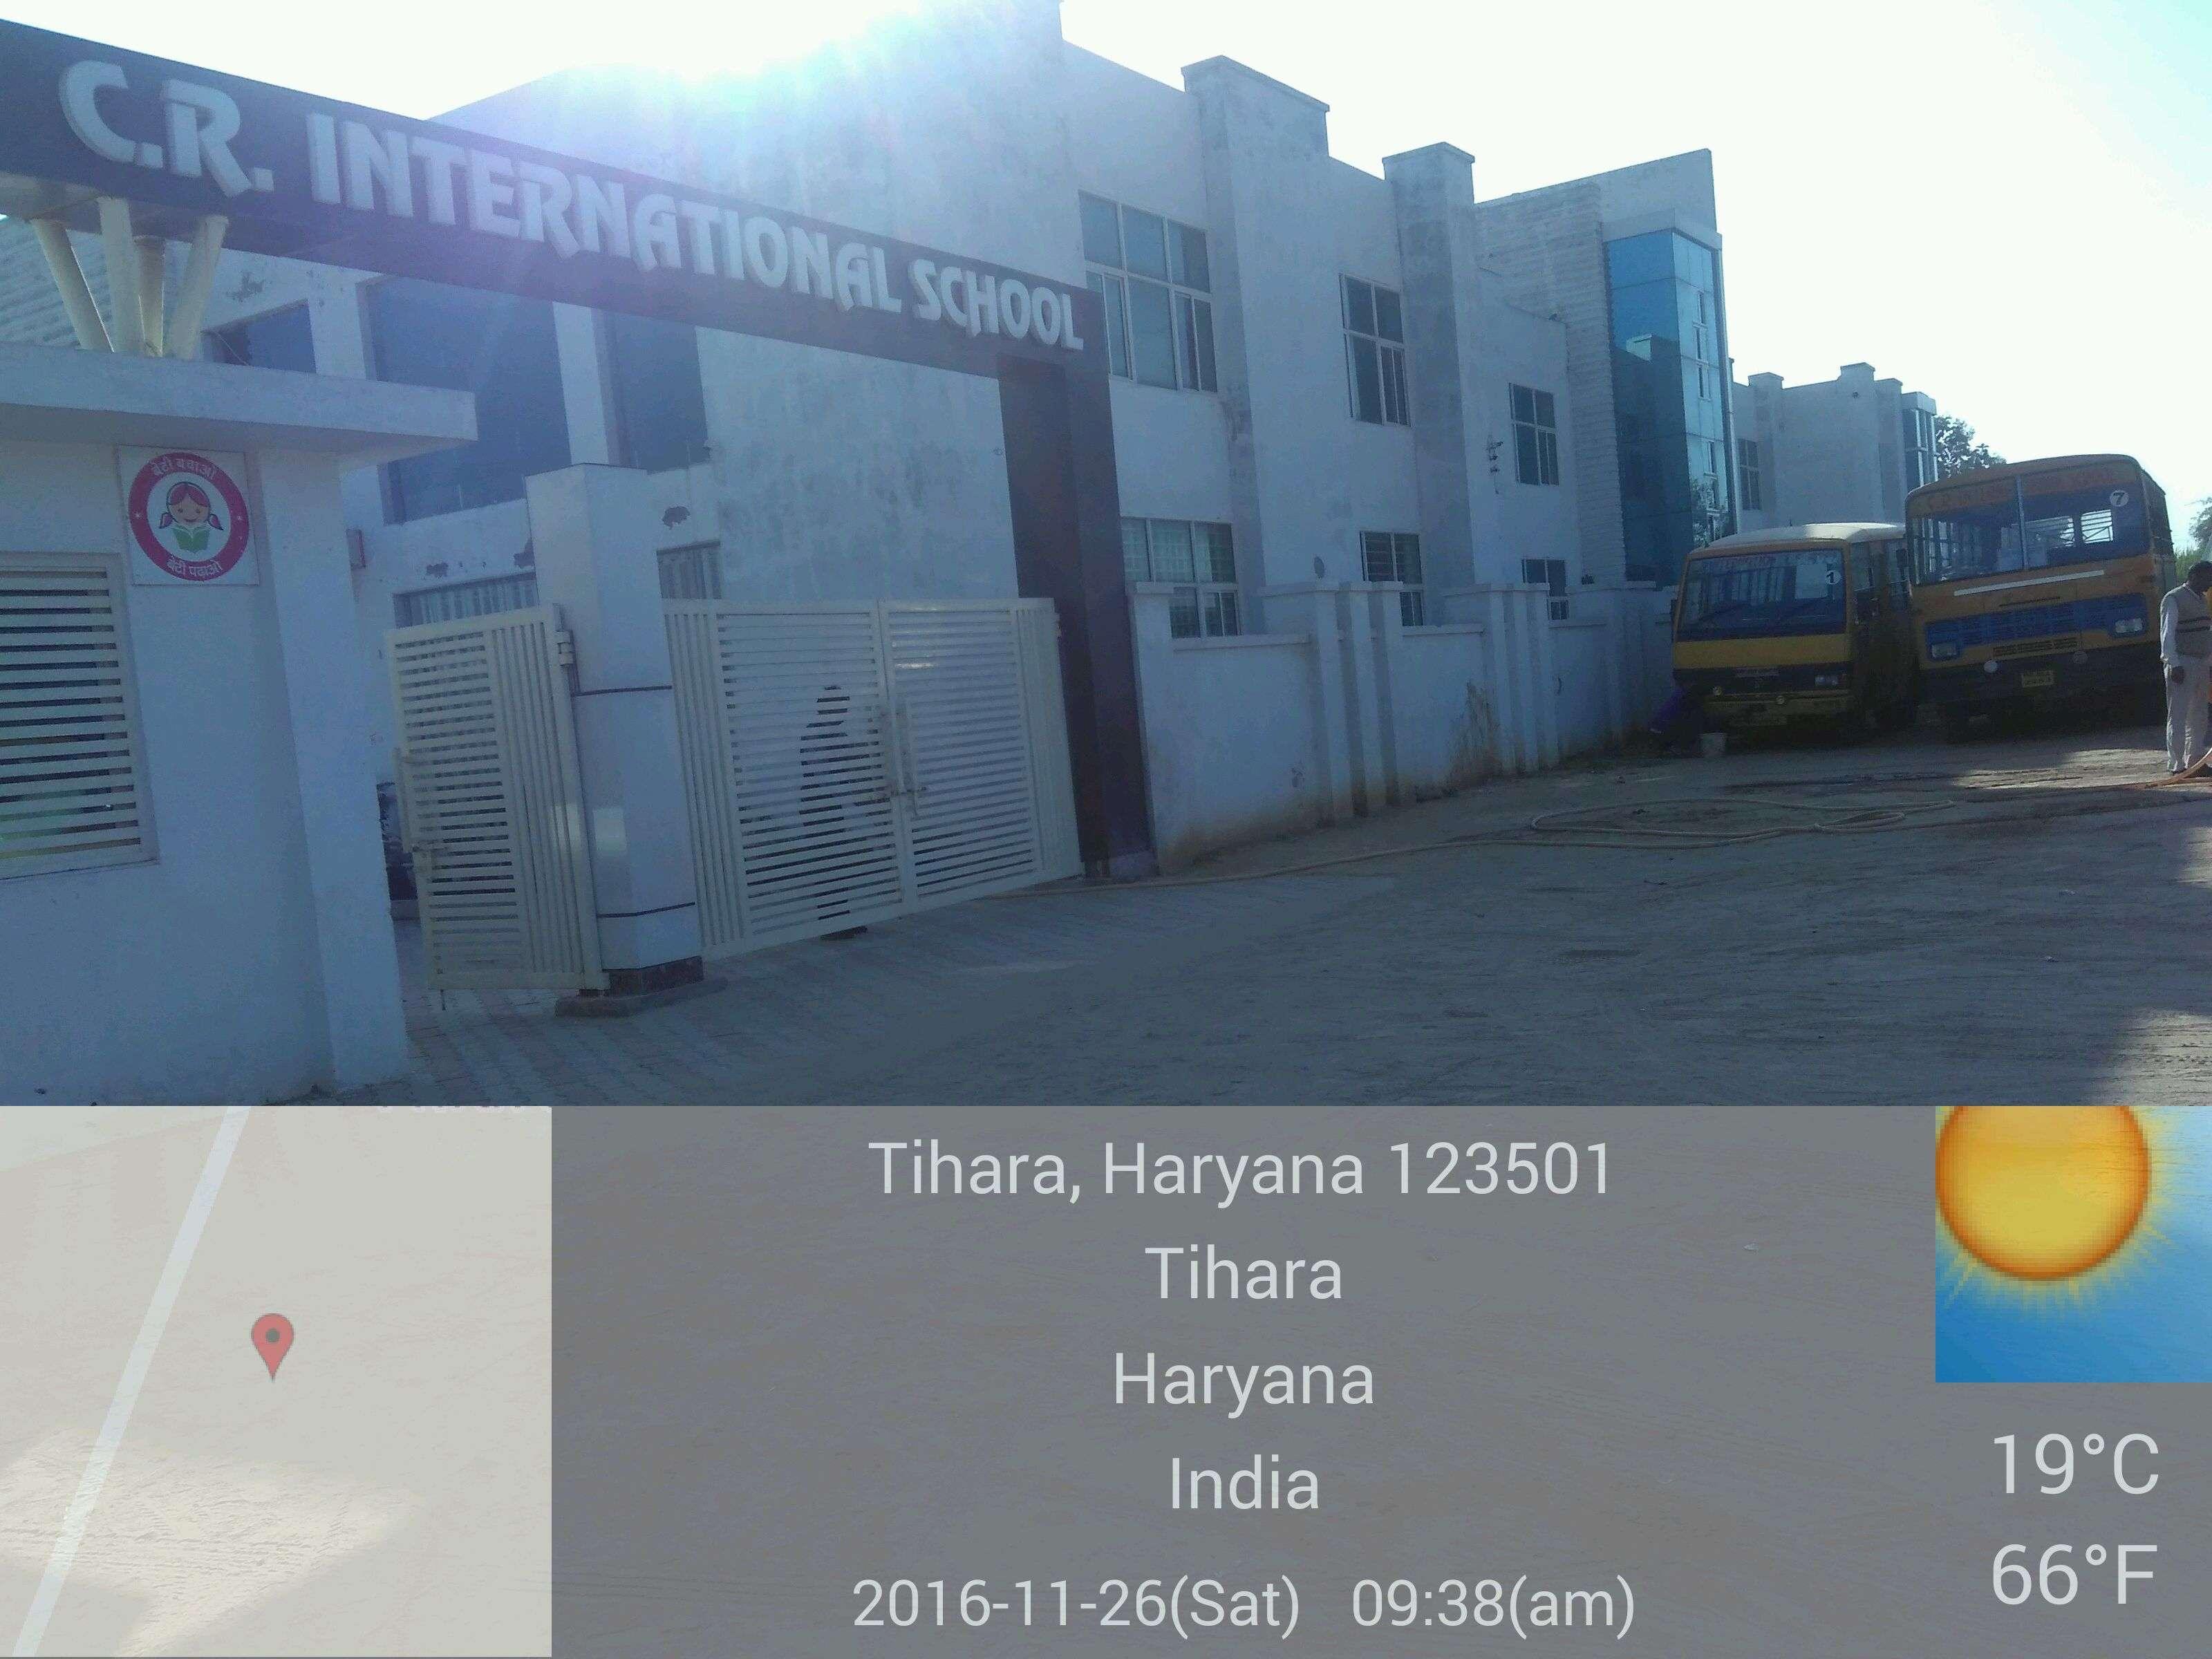 C R INTERNATIONAL SCHOOL VILLAGE TIHARA TEHSIL BAWAL DISTRICT REWARI HARYANA 530966